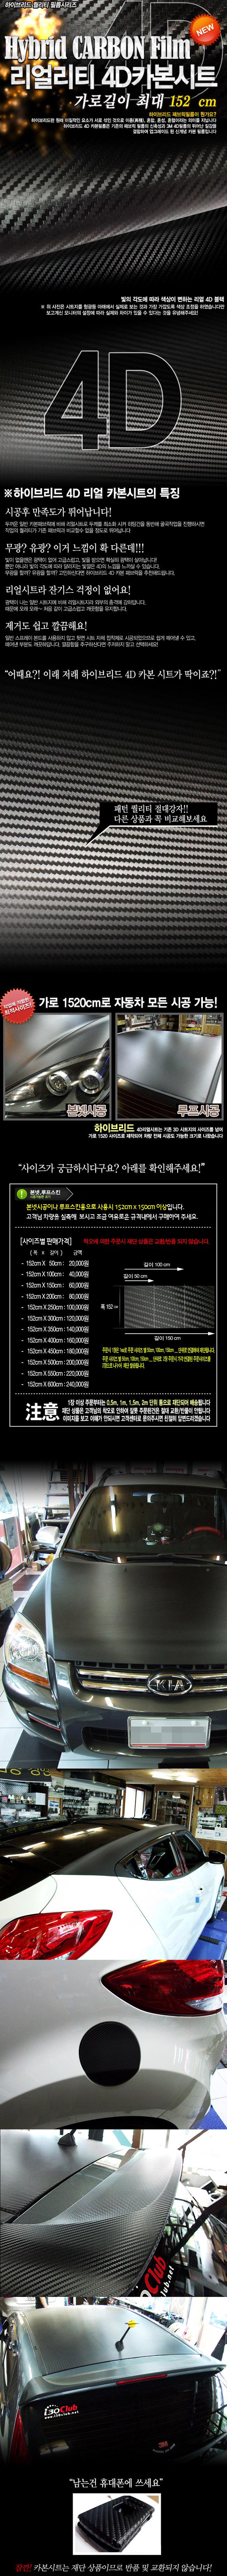 하이브리드 리얼 4D 카본시트지-블랙, 카본필름 최장폭 152cm